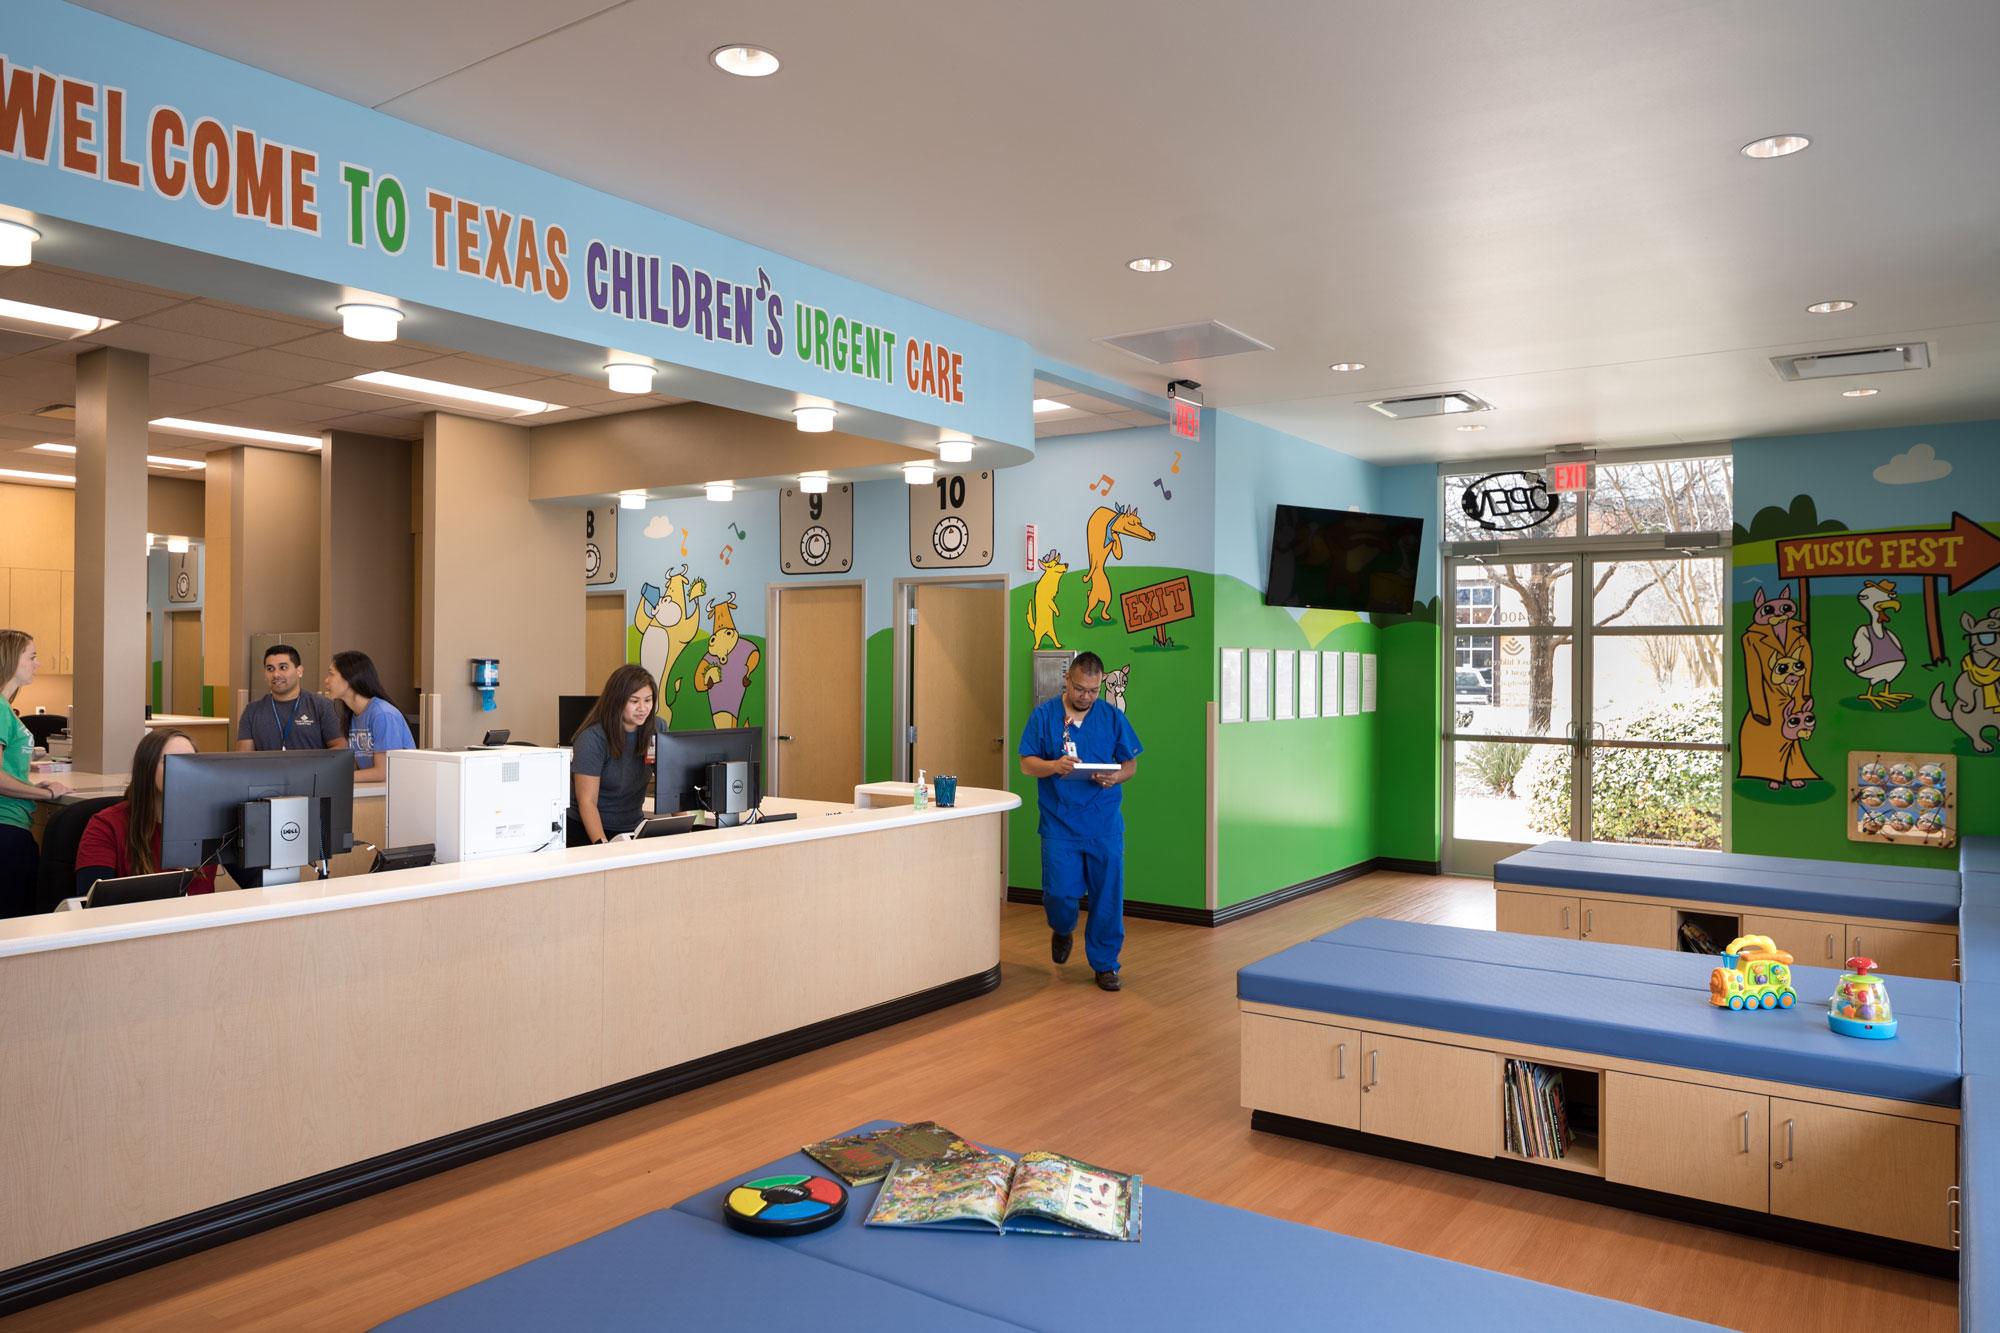 Texas-Childrens-Urgent-Care-Westgate-gallery-2.jpg